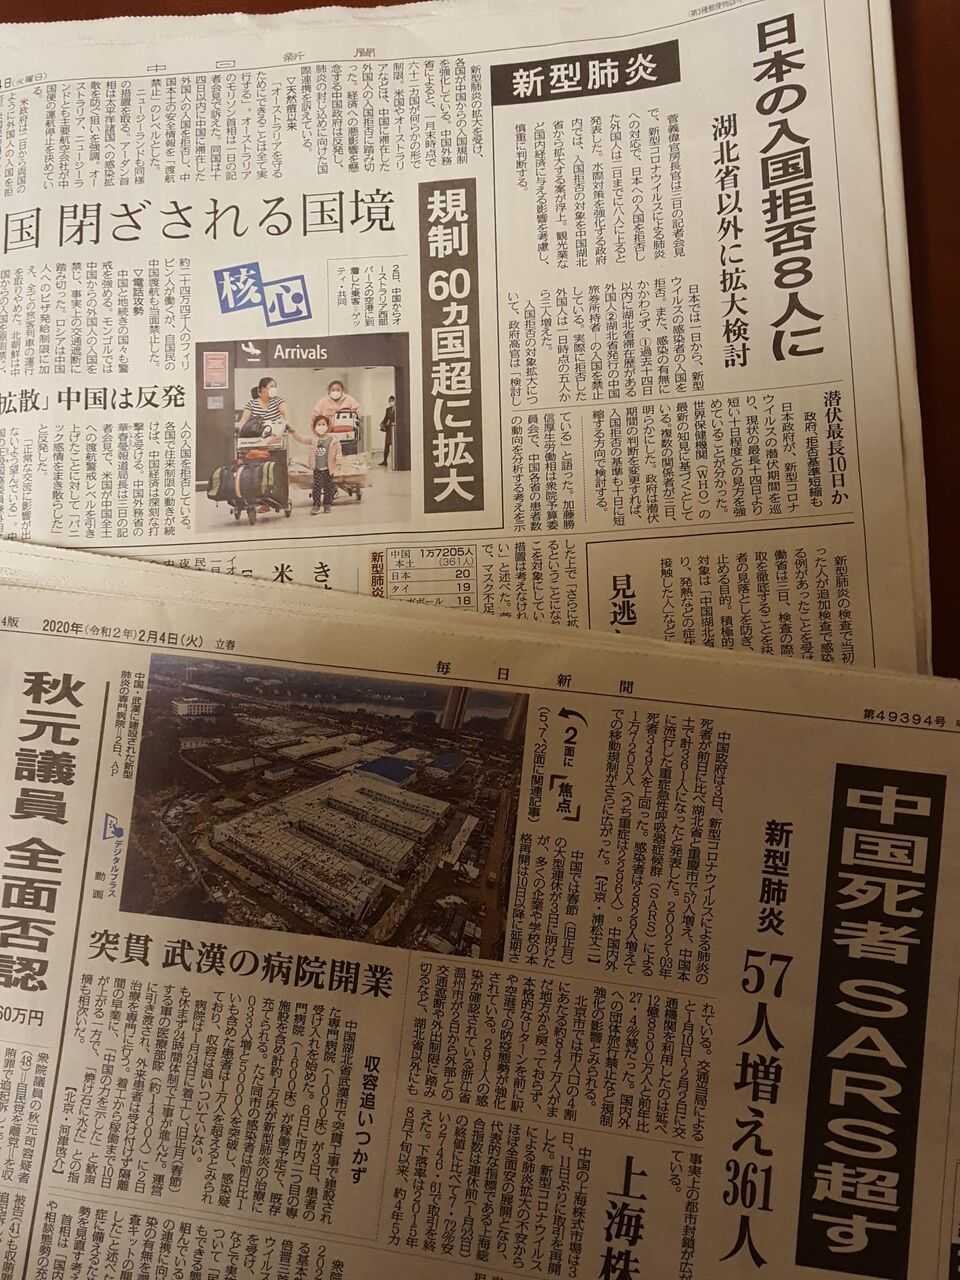 (連日、新型コロナウイルスのニュースで埋め尽くされる新聞各紙)